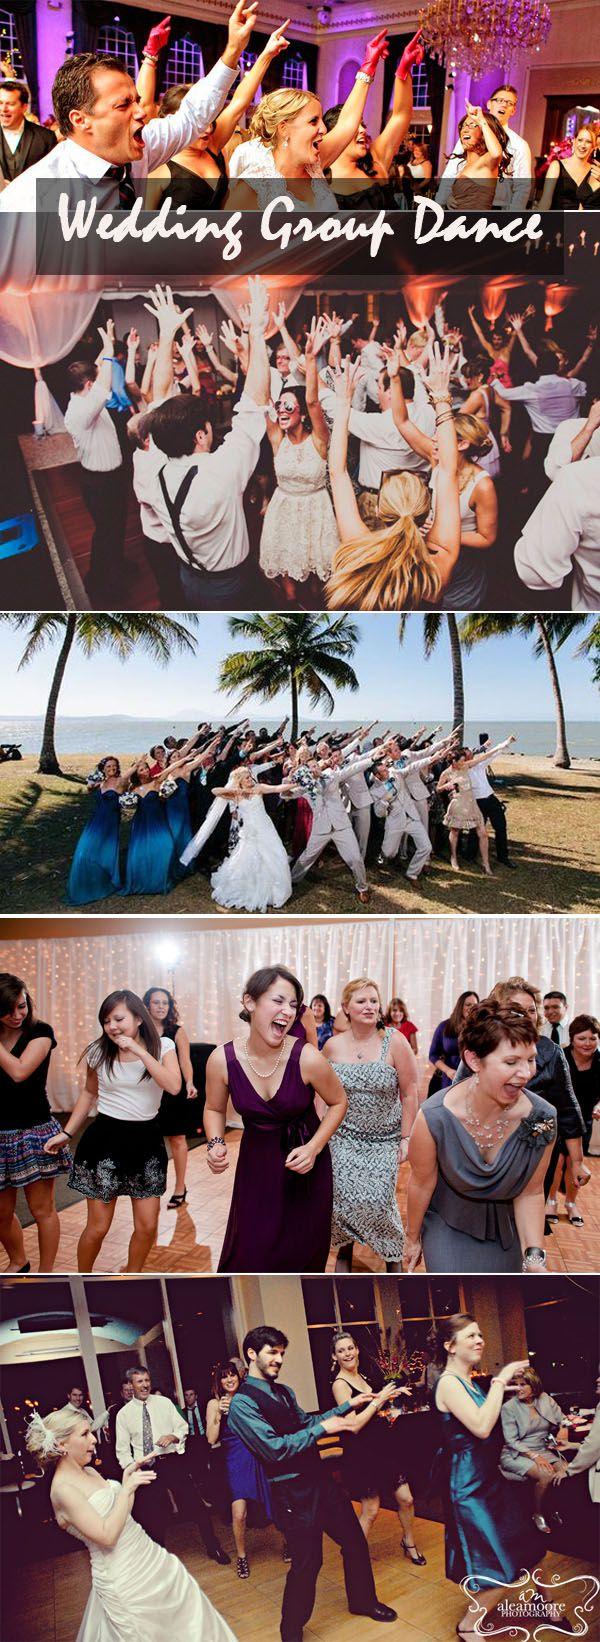 みんなで『フラッシュモブ』ダンス! *披露宴 余興のアイデア一覧*